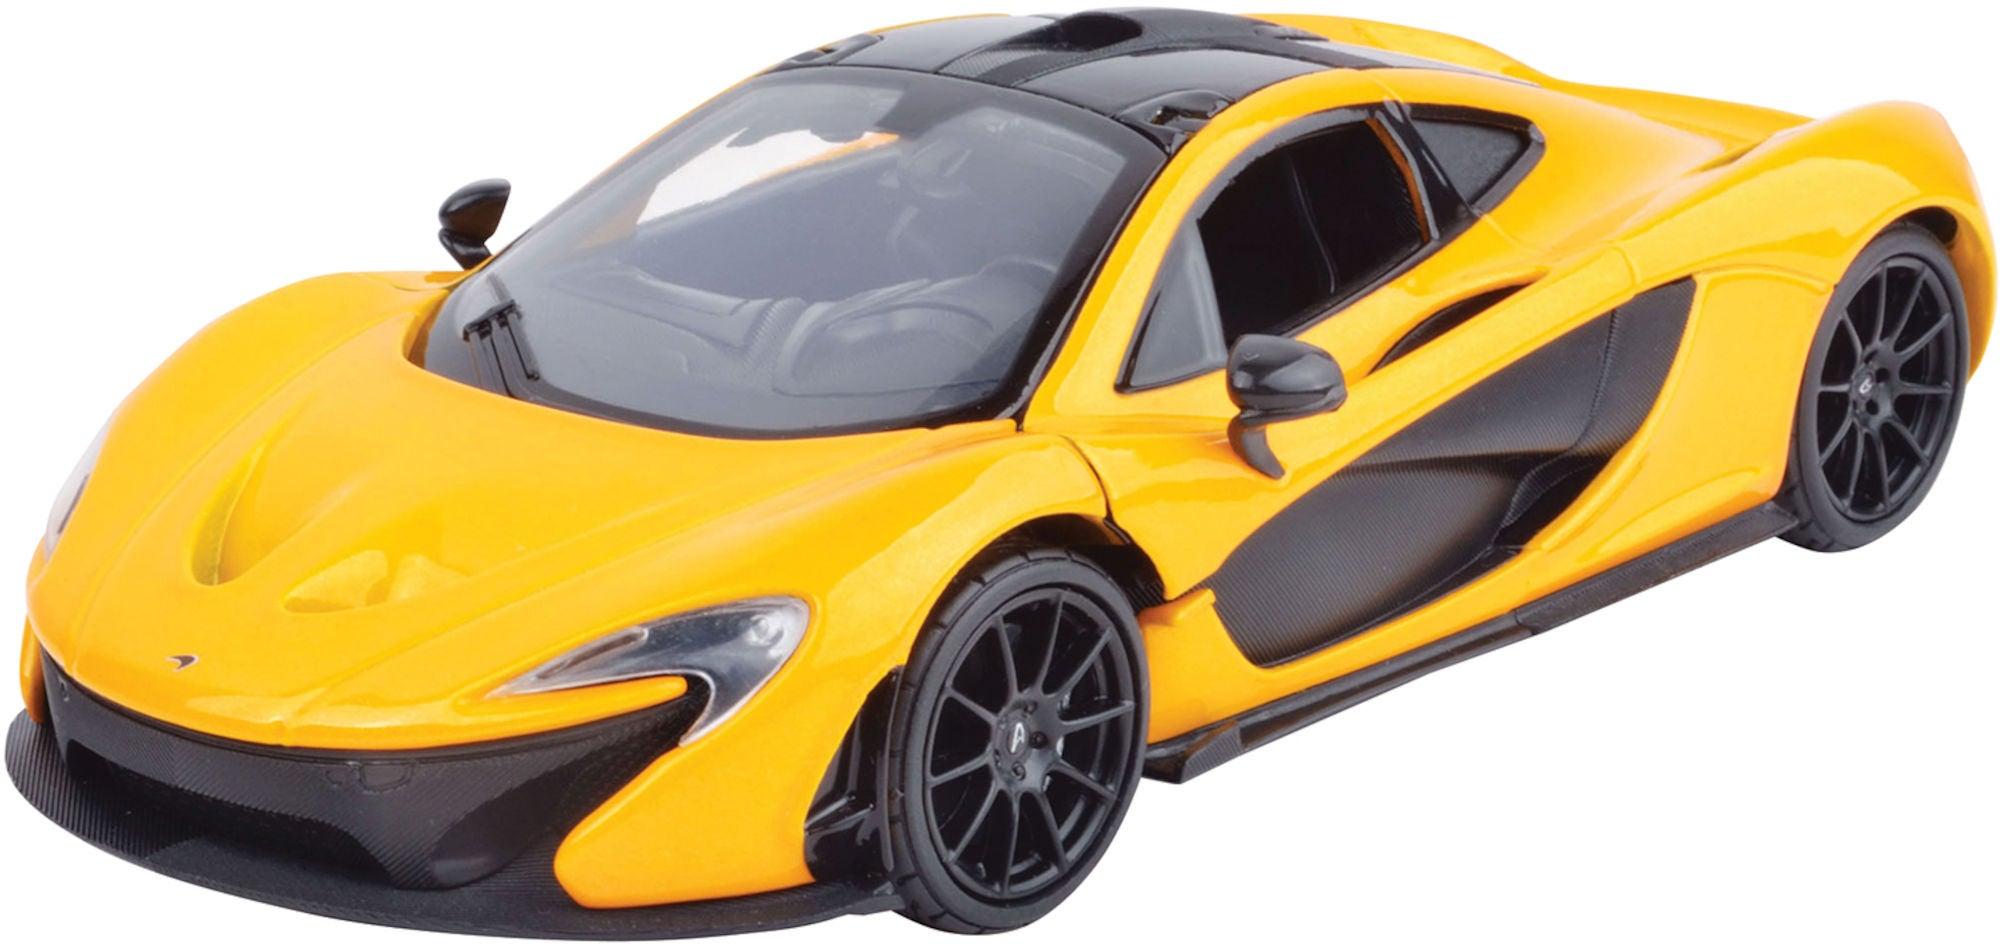 kaufen motormax spielzeugauto 1:24 mclaren p1, gelb | jollyroom